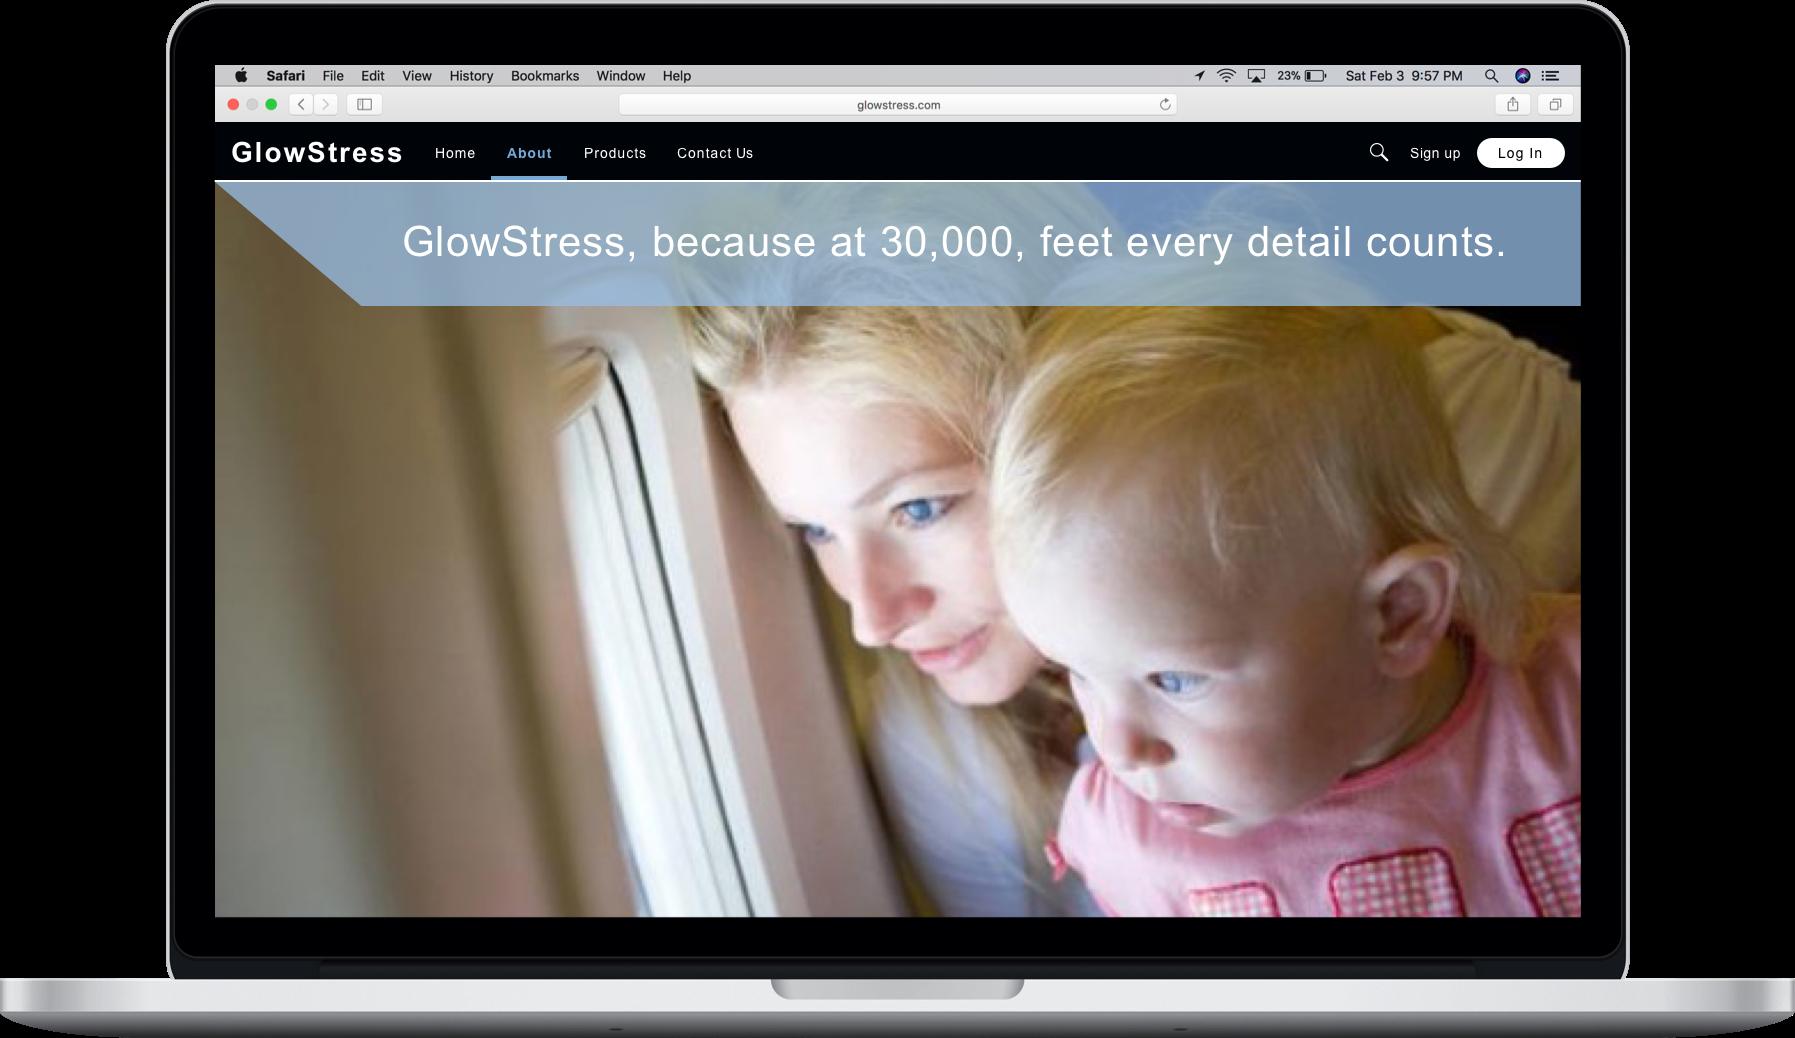 glowstress_tagline.png